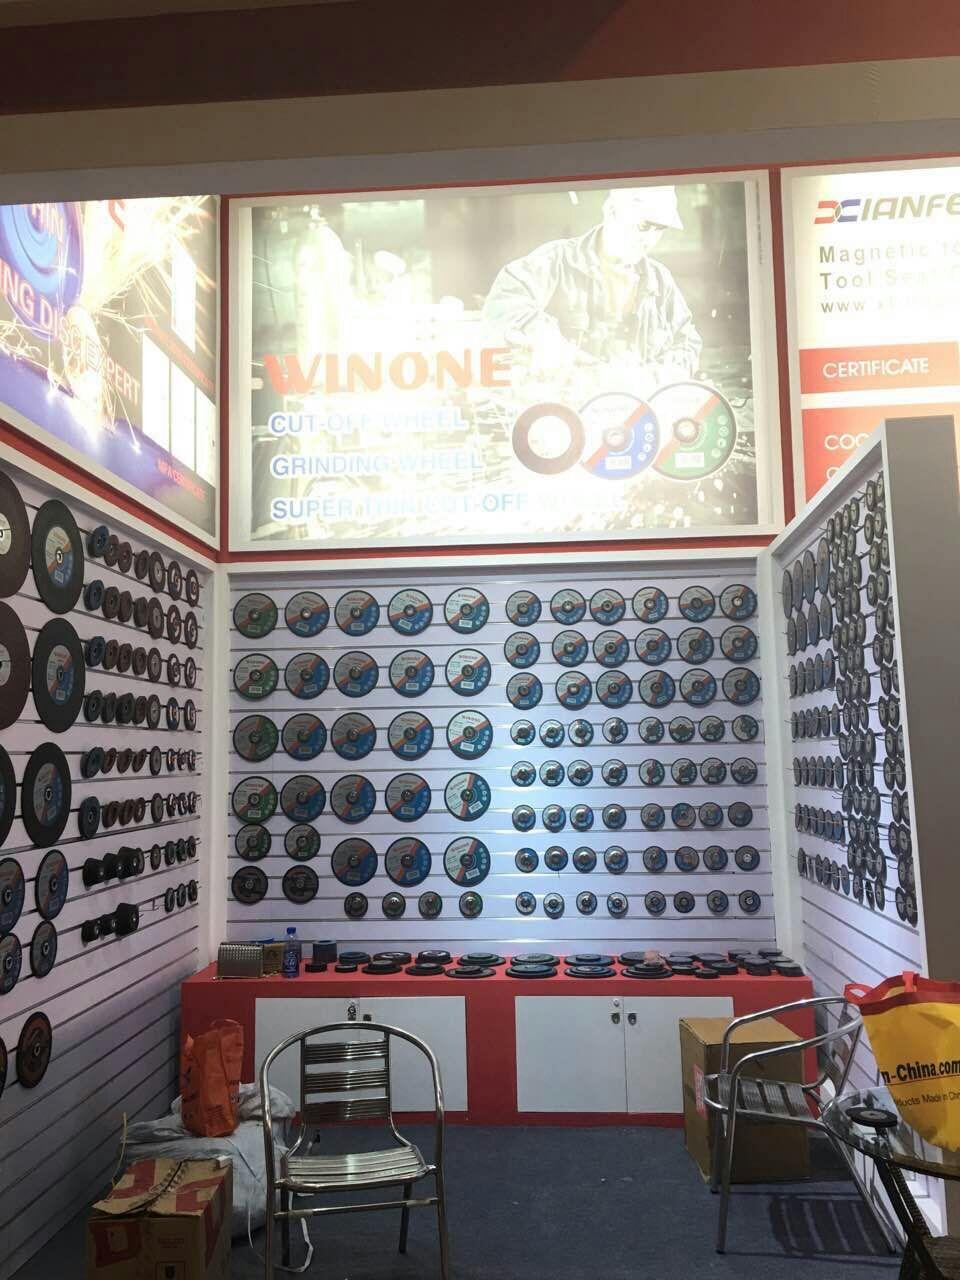 119th Canton Fair Booth no.: 14.2 G26